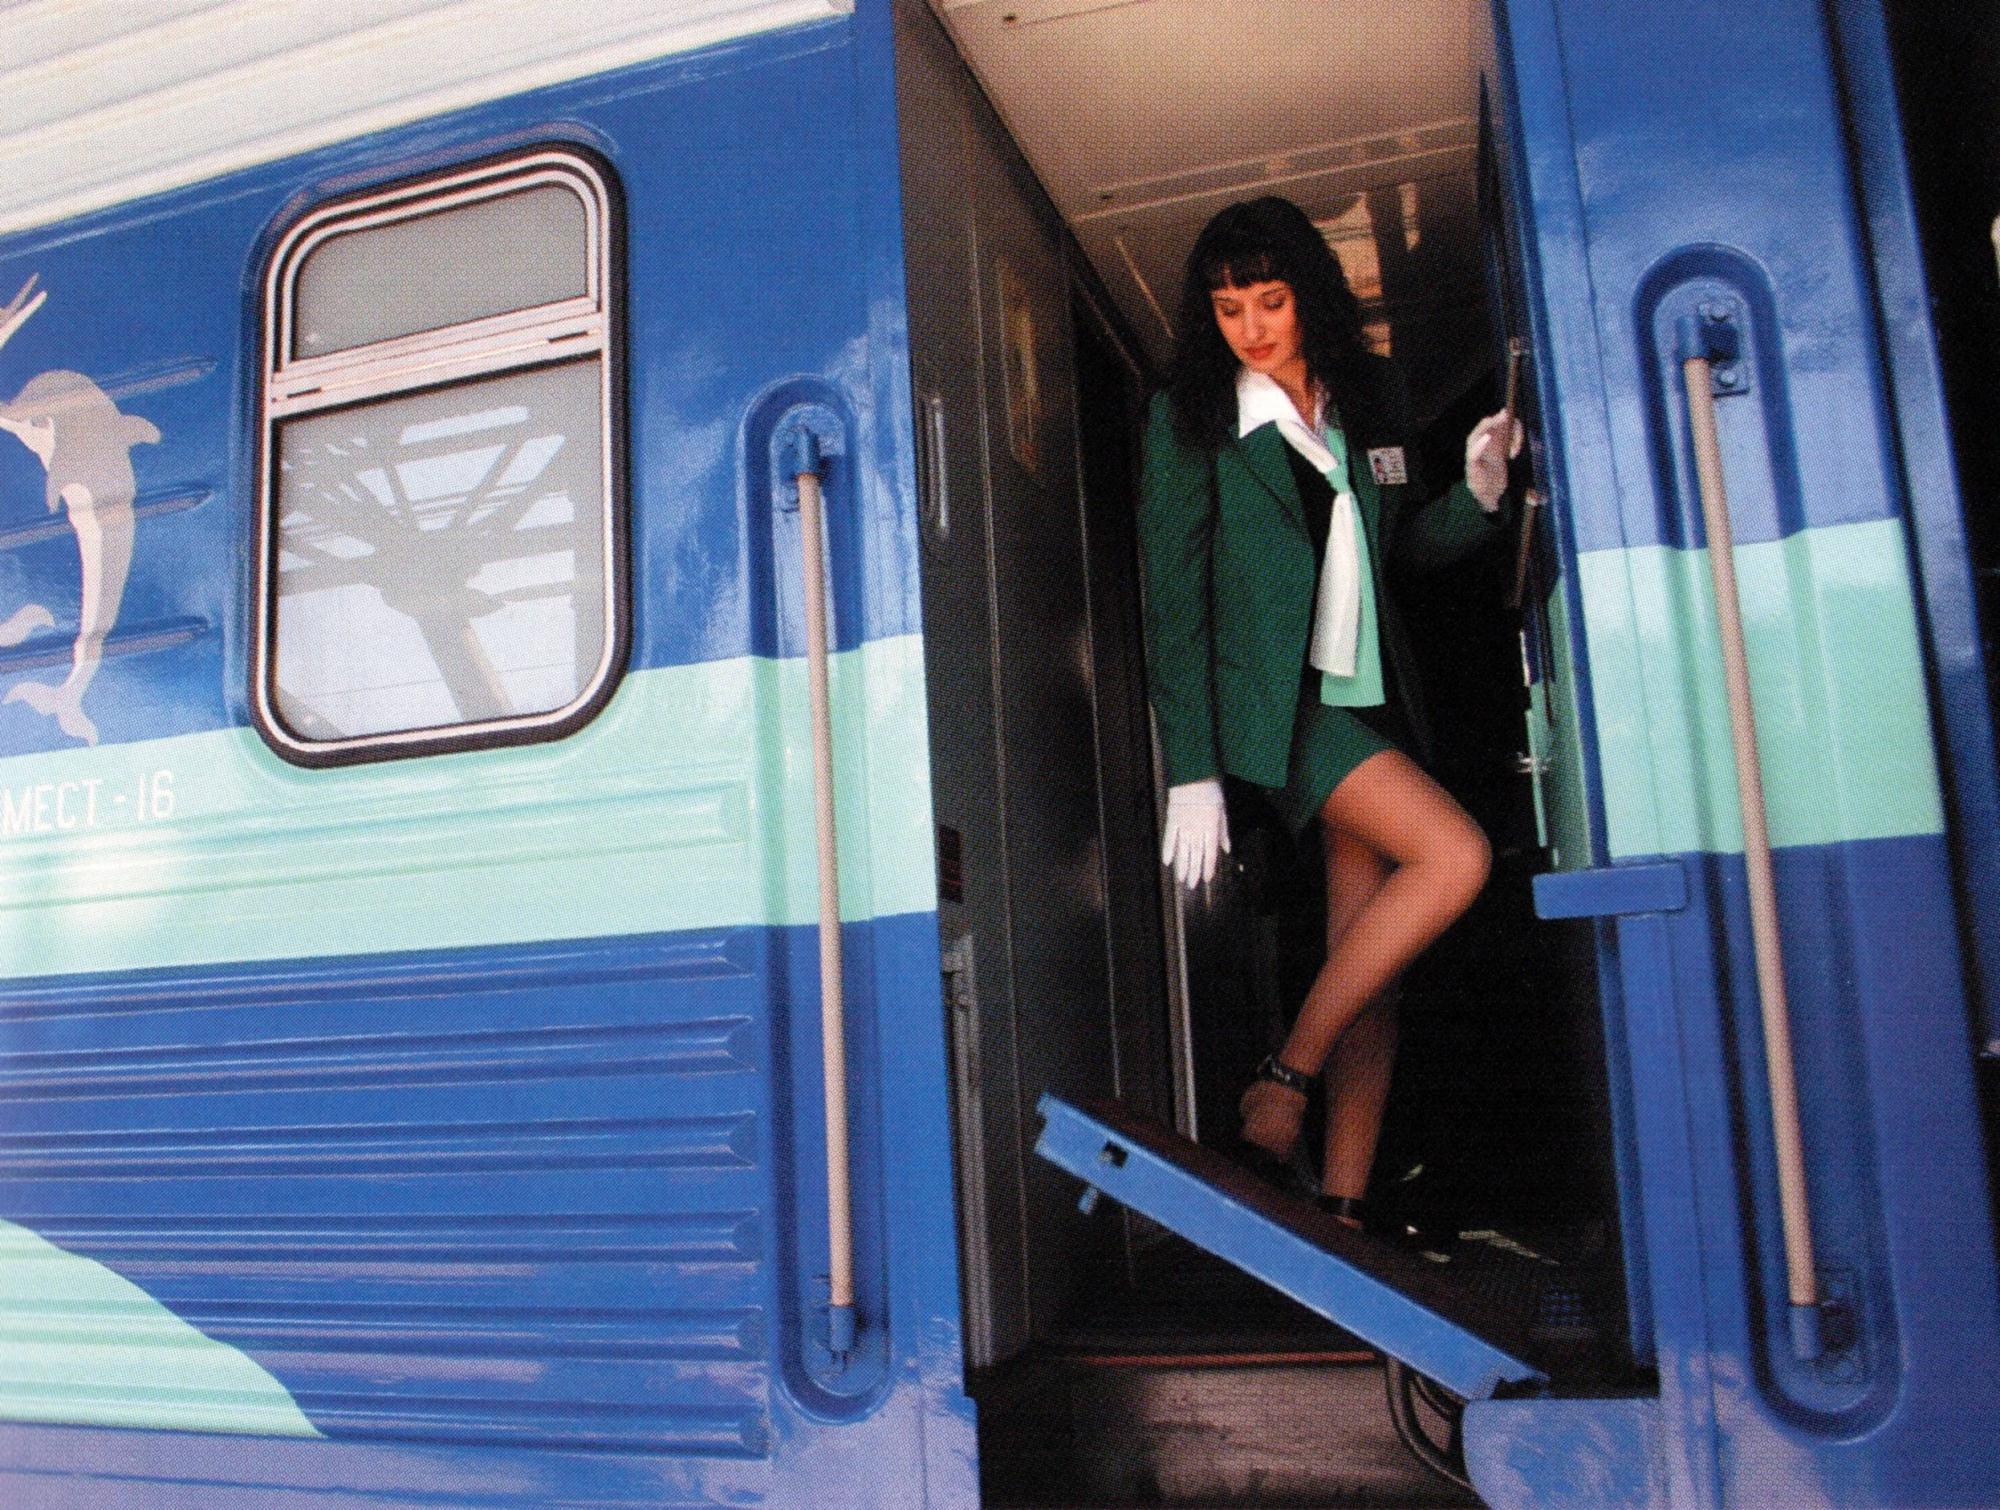 Железнодорожникам ужесточили порядок распоряжения имуществом «Укрзалізниці»